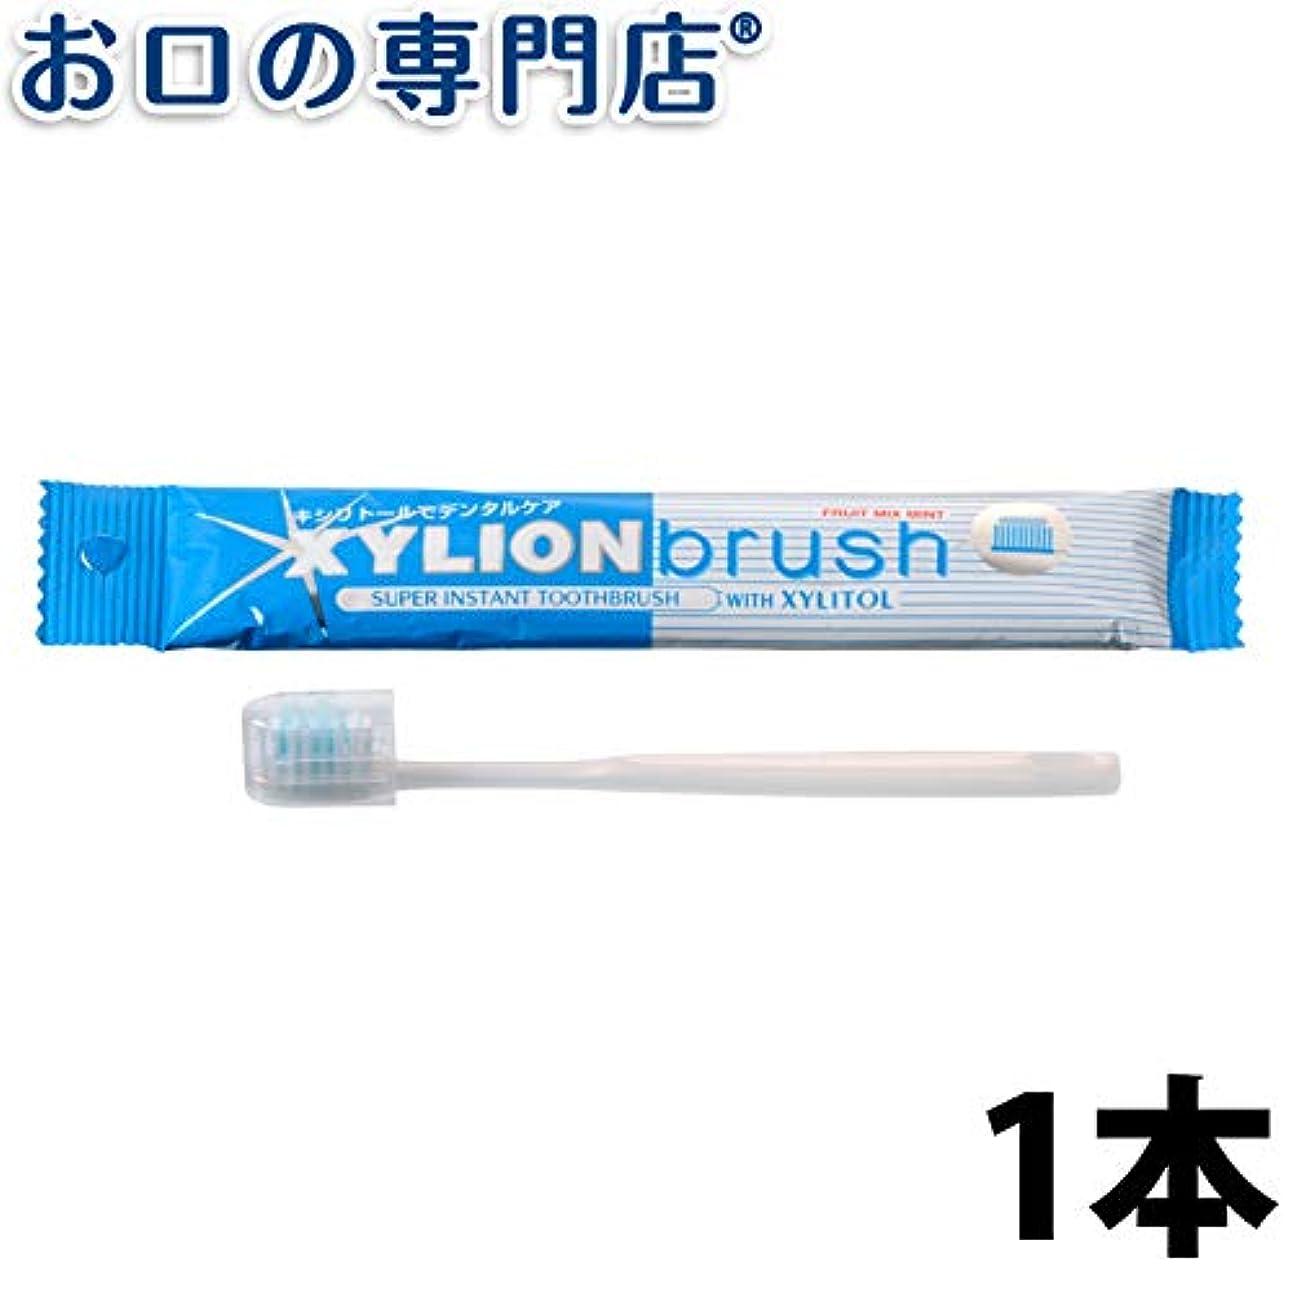 簡単に千確立キシリオンブラシ XYLION brush 1本